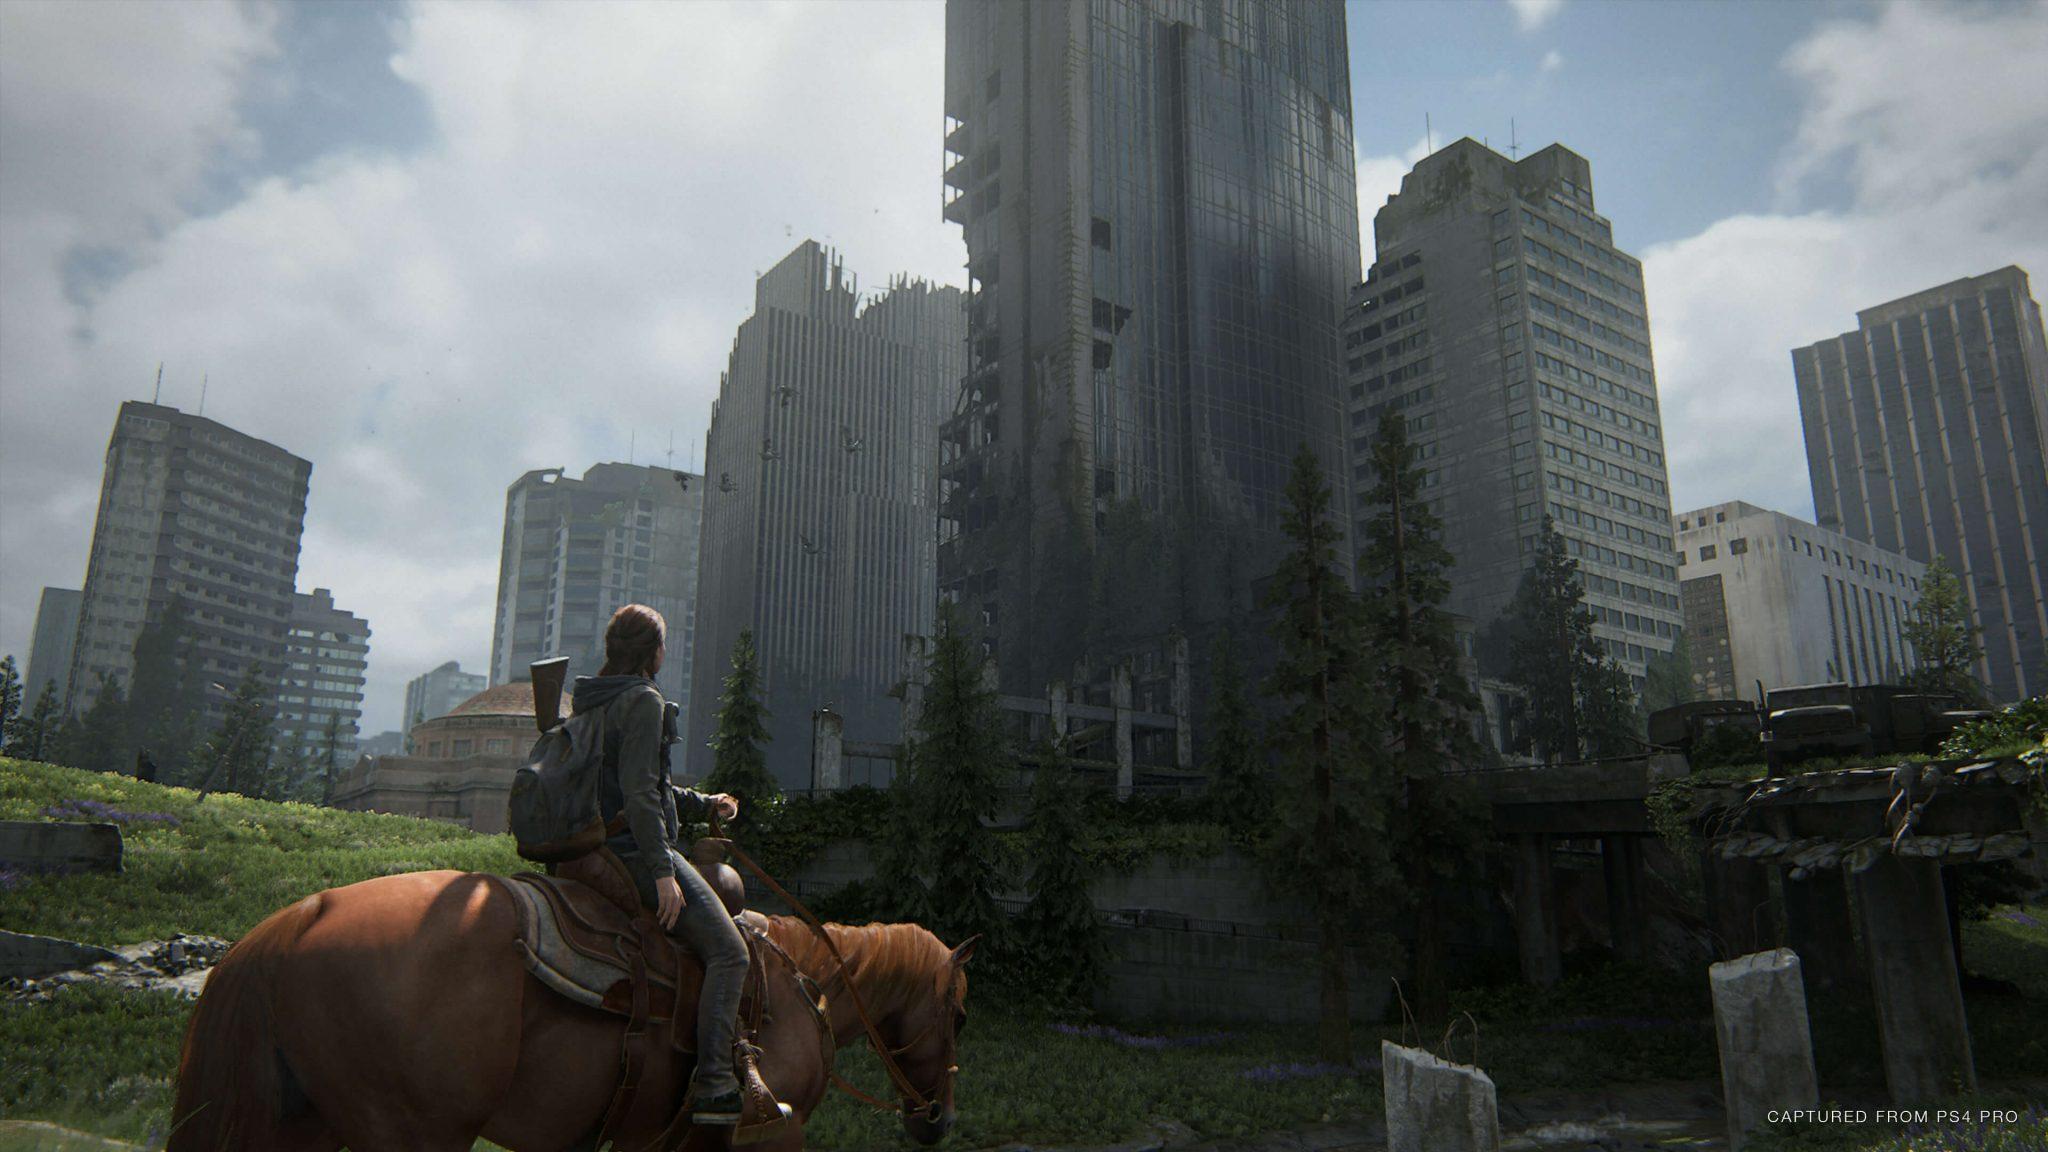 Nuevas fechas de lanzamiento para The Last of Us II y Ghost of Tsushima